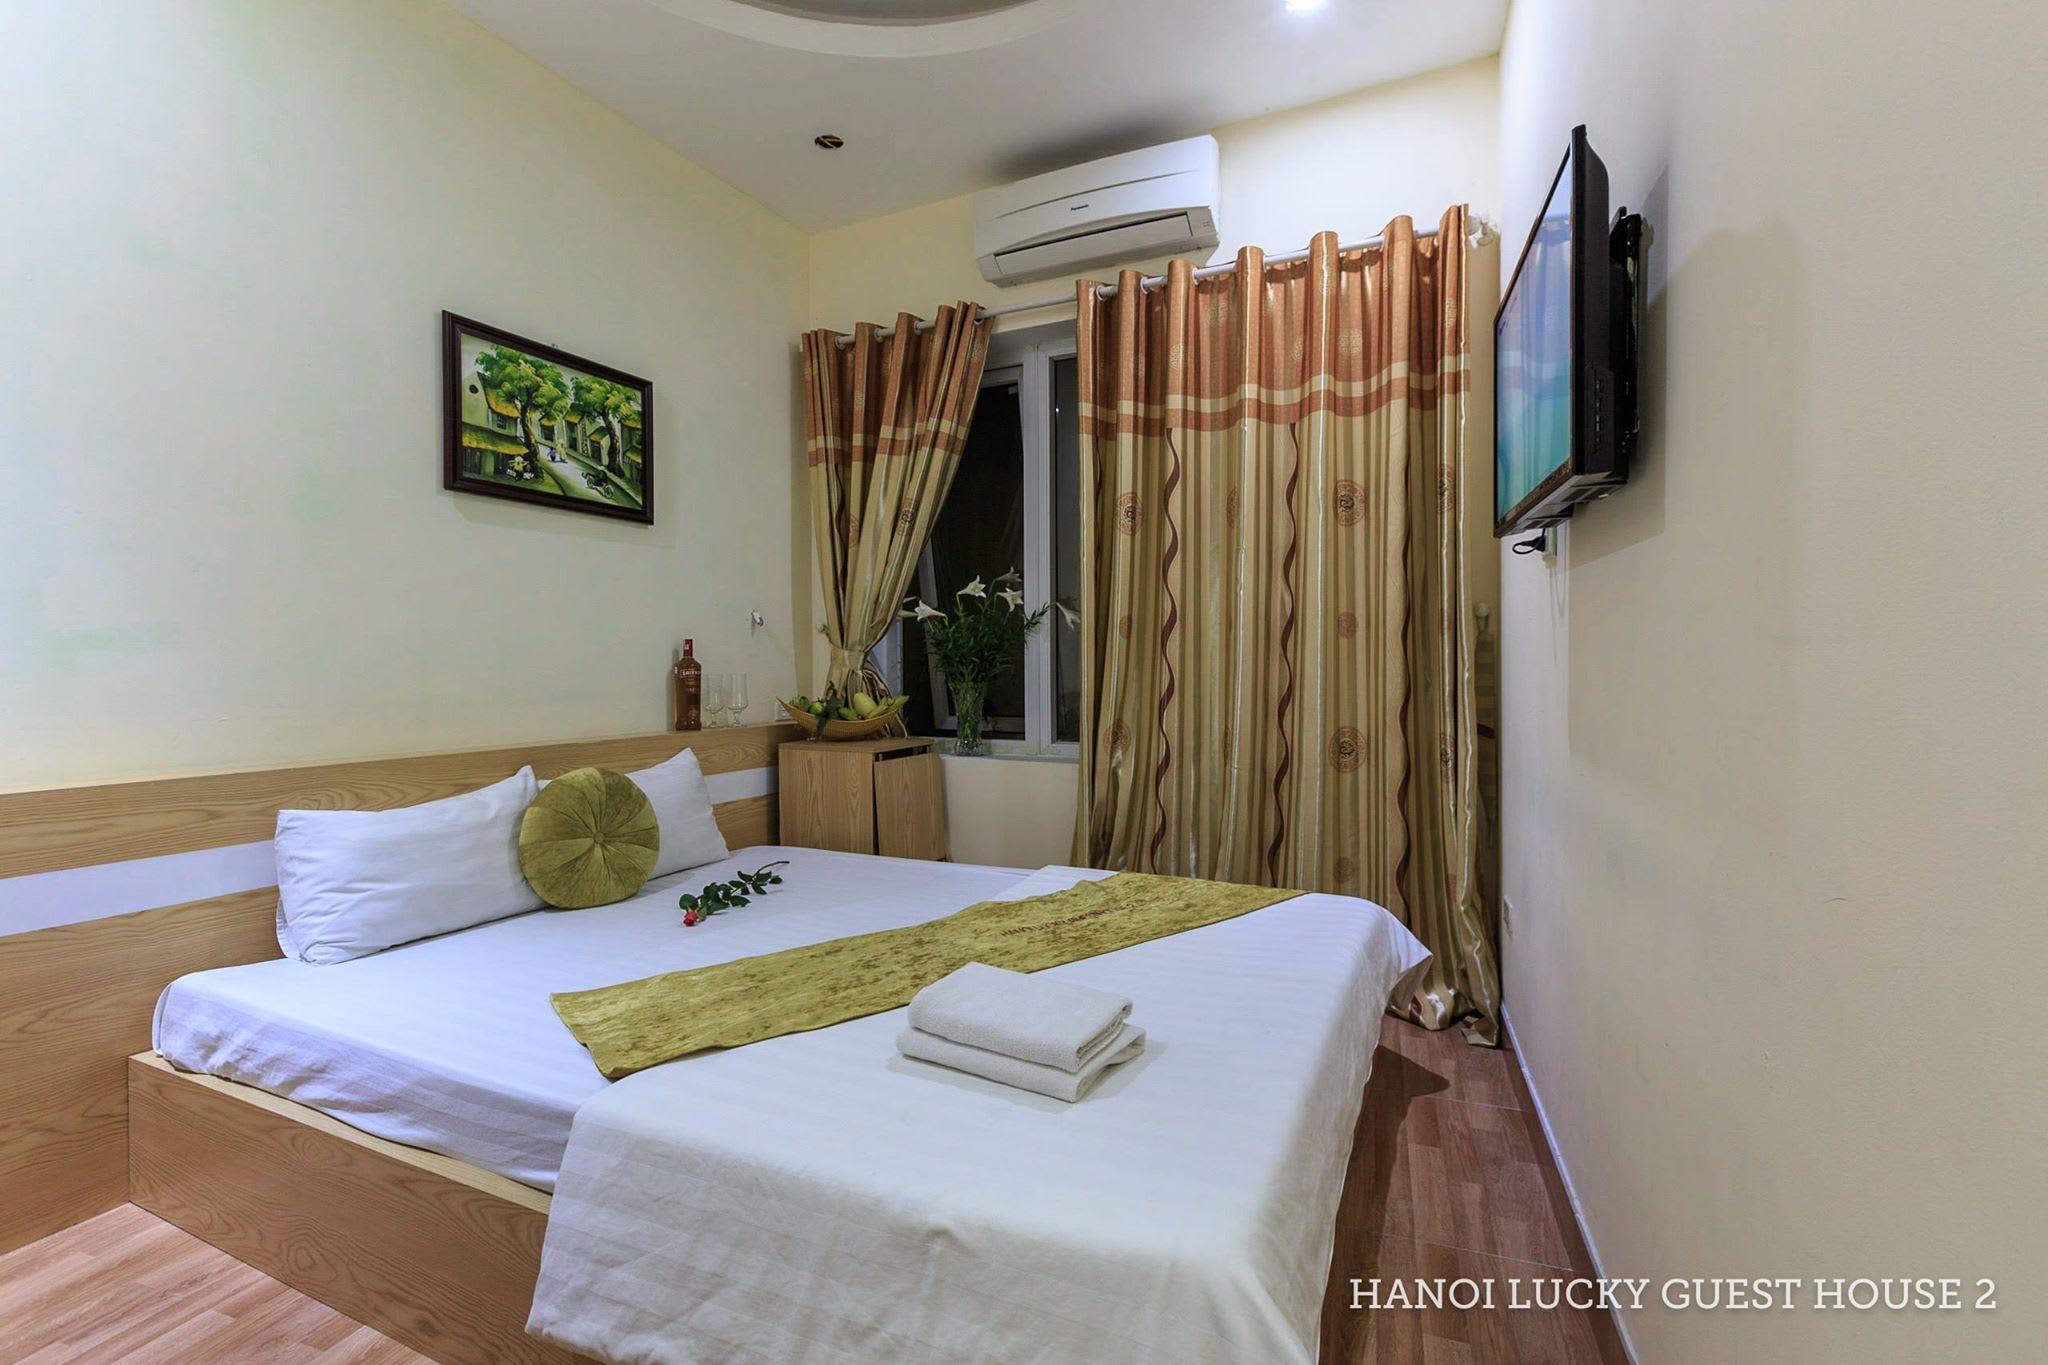 HOSTEL - Hanoi Lucky Guesthouse 2